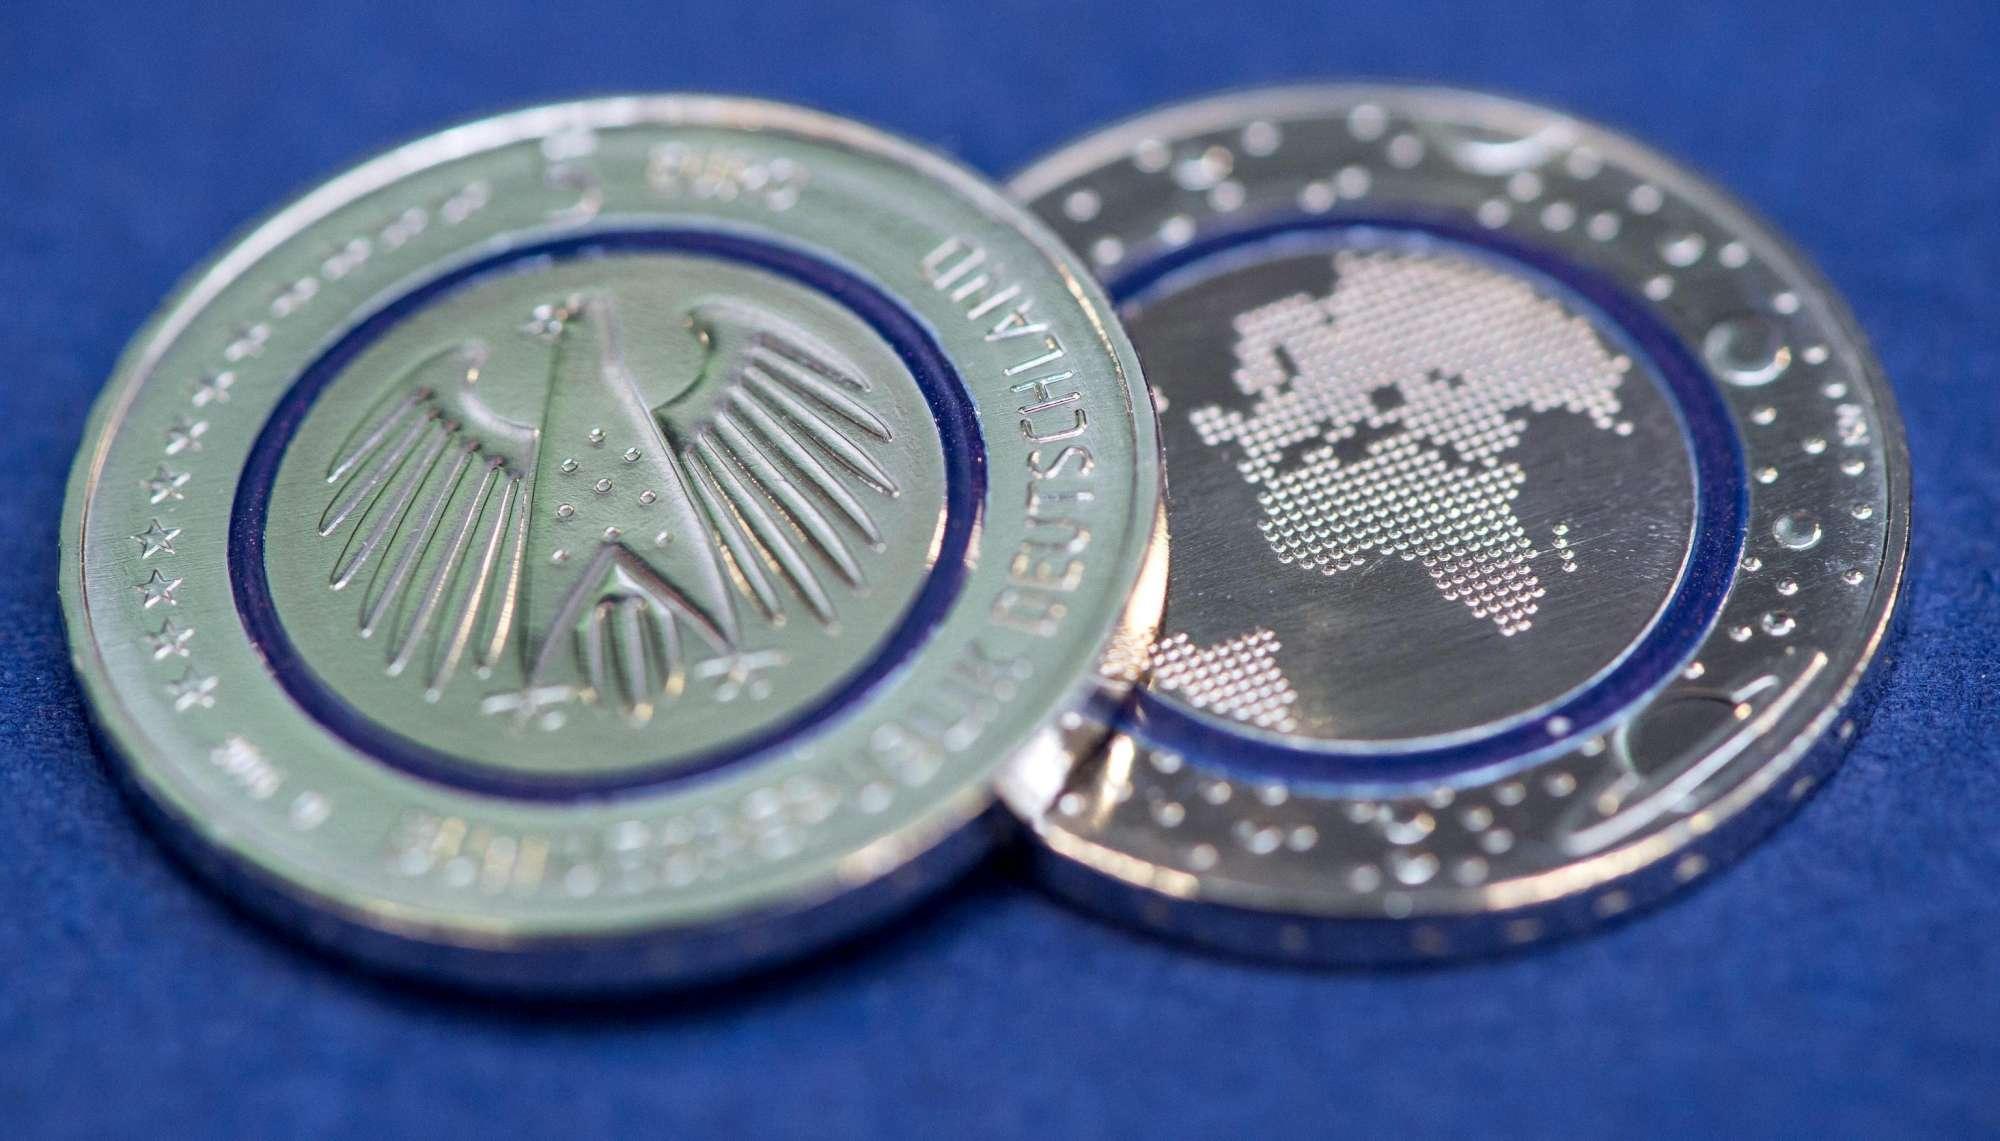 La Germania conia una moneta da 5 euro: vale solo entro i confini tedeschi